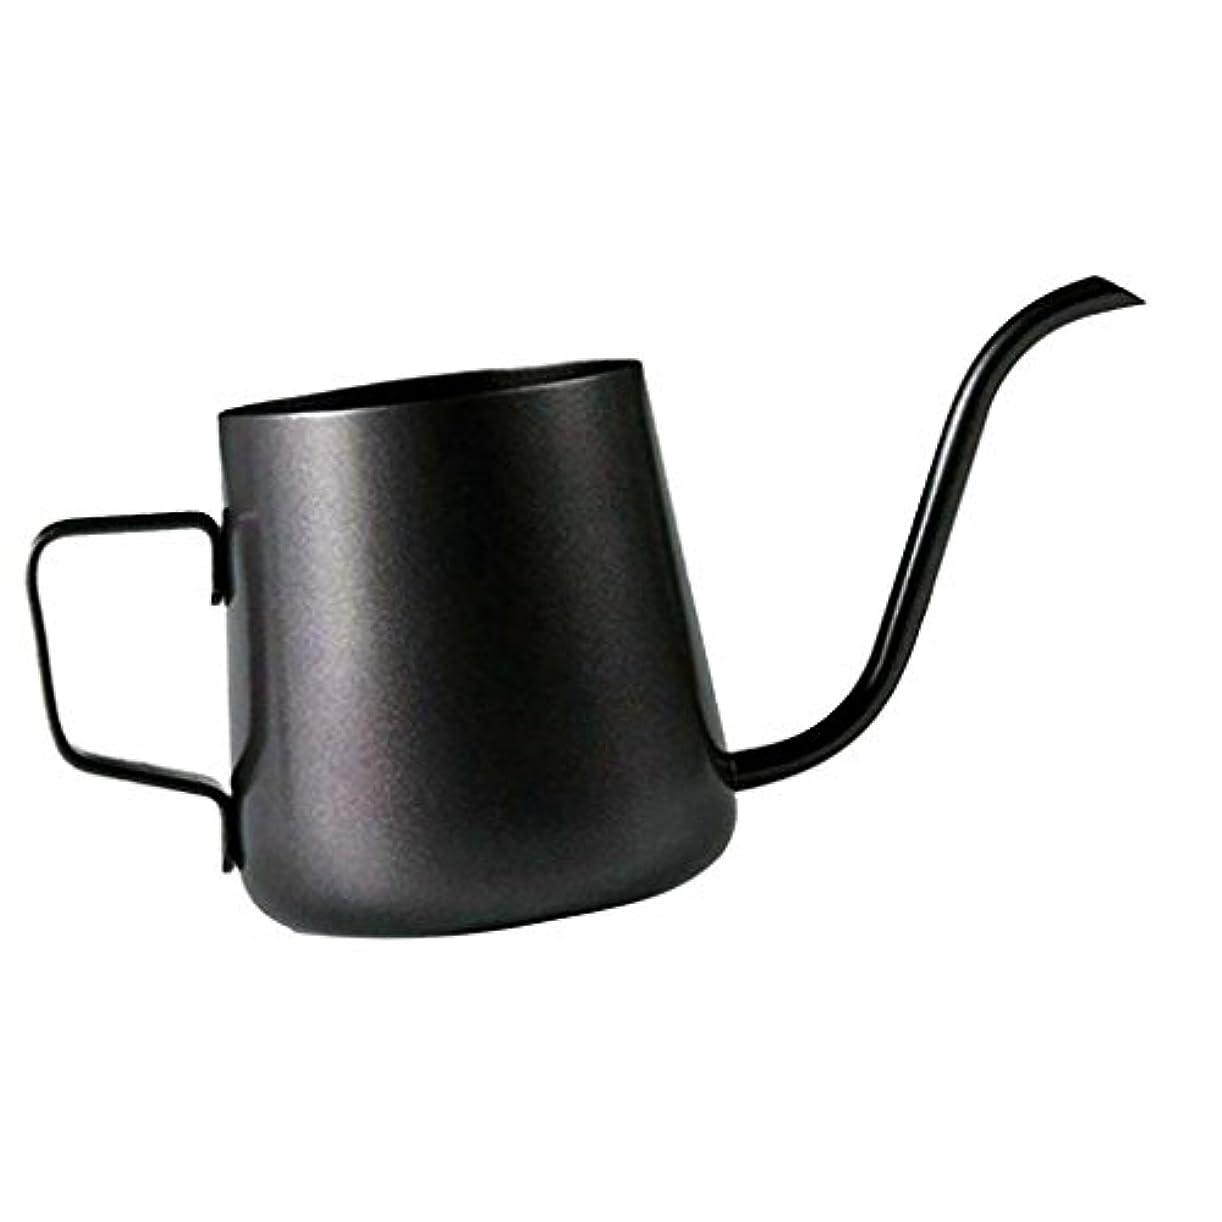 恐ろしいですアロング願うHomeland コーヒーポット お茶などにも対応 クッキング用品 ステンレス製 エスプレッソポット ケトル - ブラック, 250ミリリットル